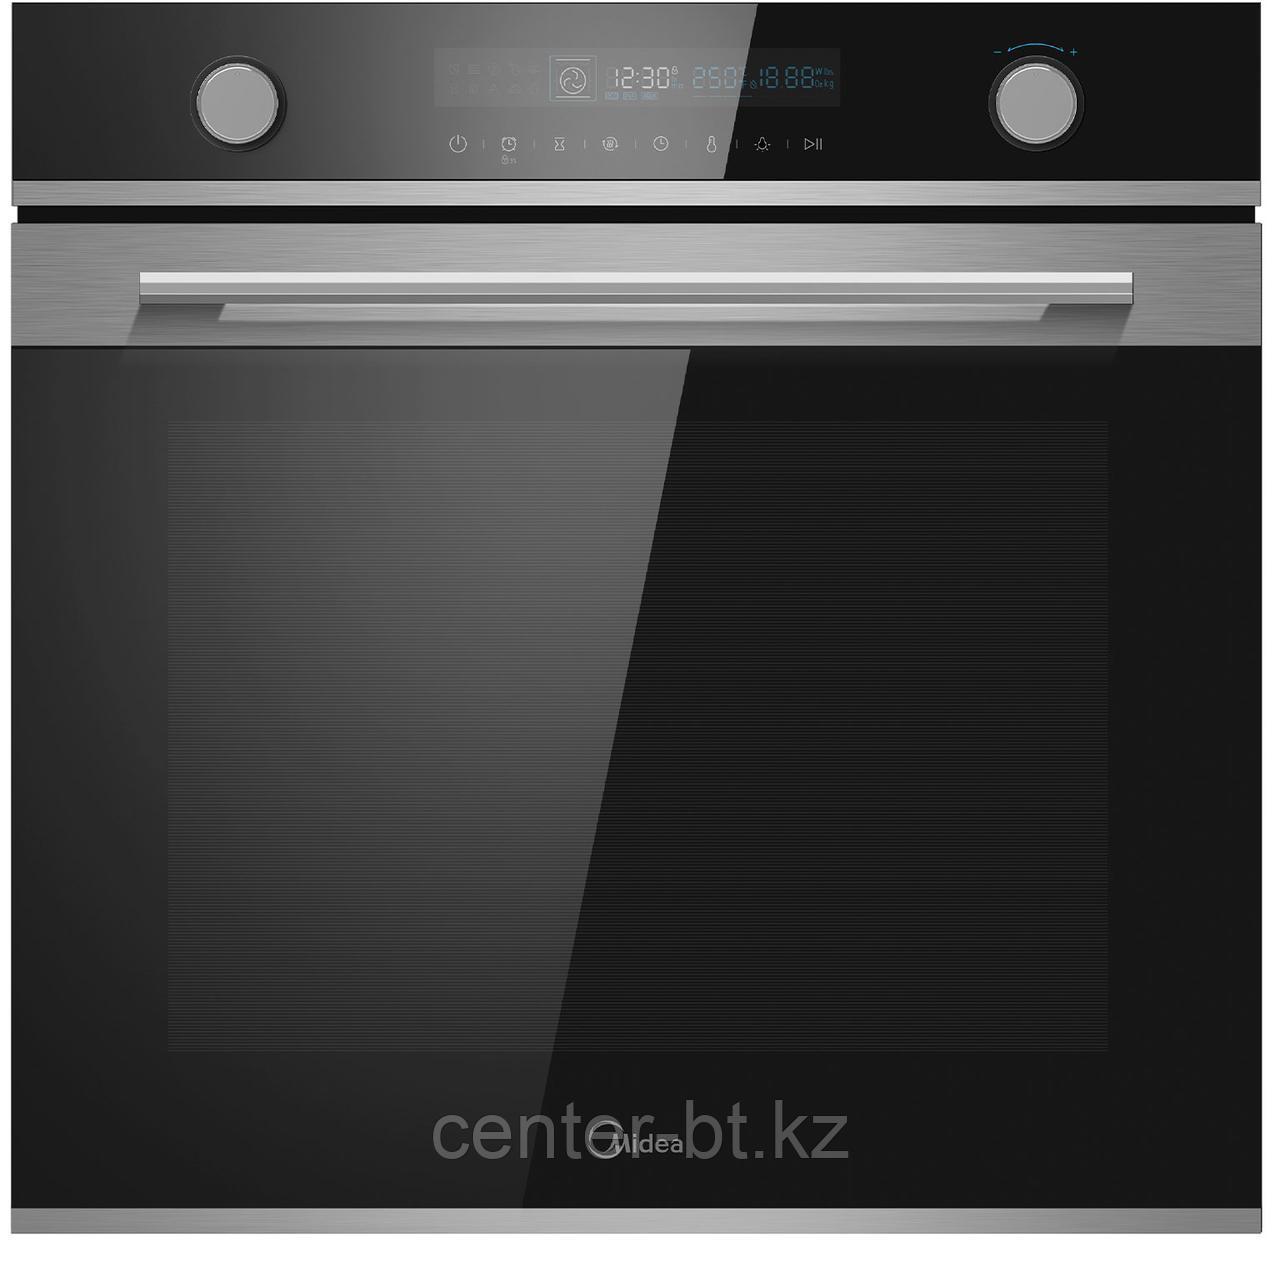 Электрическая встраиваемая духовка Midea MO 7300K GB